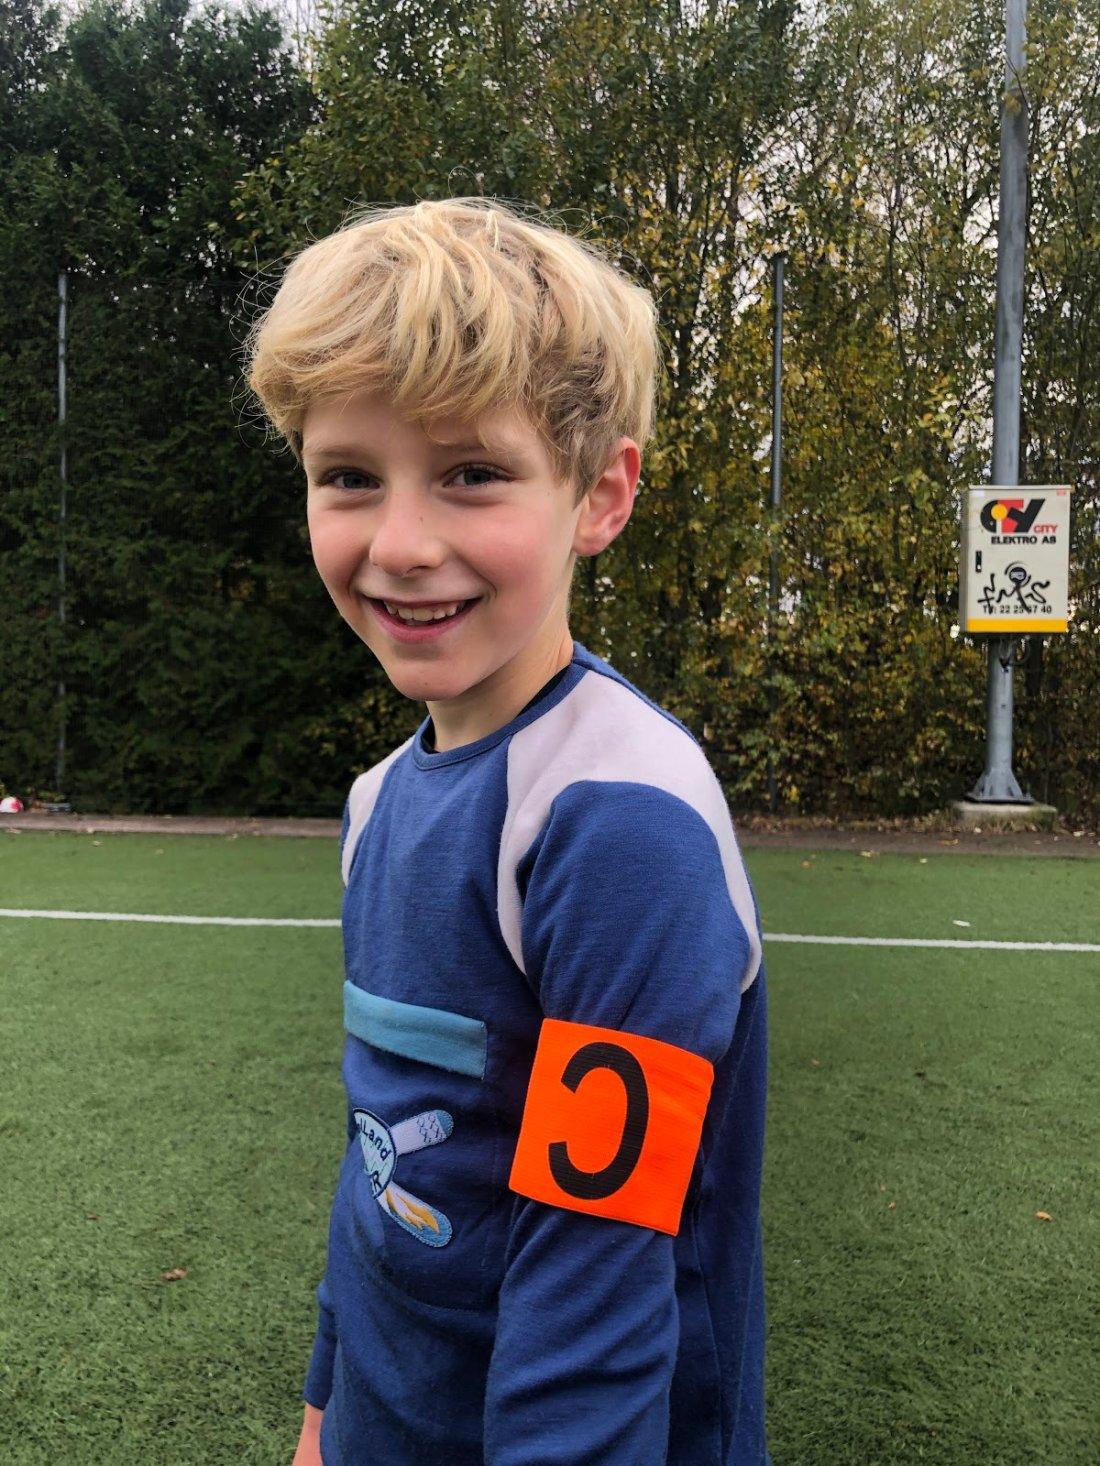 Hans Herman Løv-Vethe;<br />Herman spiller medspillerne sine gode. Han løfter blikket , spiller gode pasninger og er flink til å finne medspillere i gode posisjoner. Herman er ofte først til samling og lytter til trener og på det de andre på treningen har å si. Han er ivrig, og vi ser at han er glad i å spille fotball. Med denne innstillingen bidrar han til å skape gode treninger på akademiet!